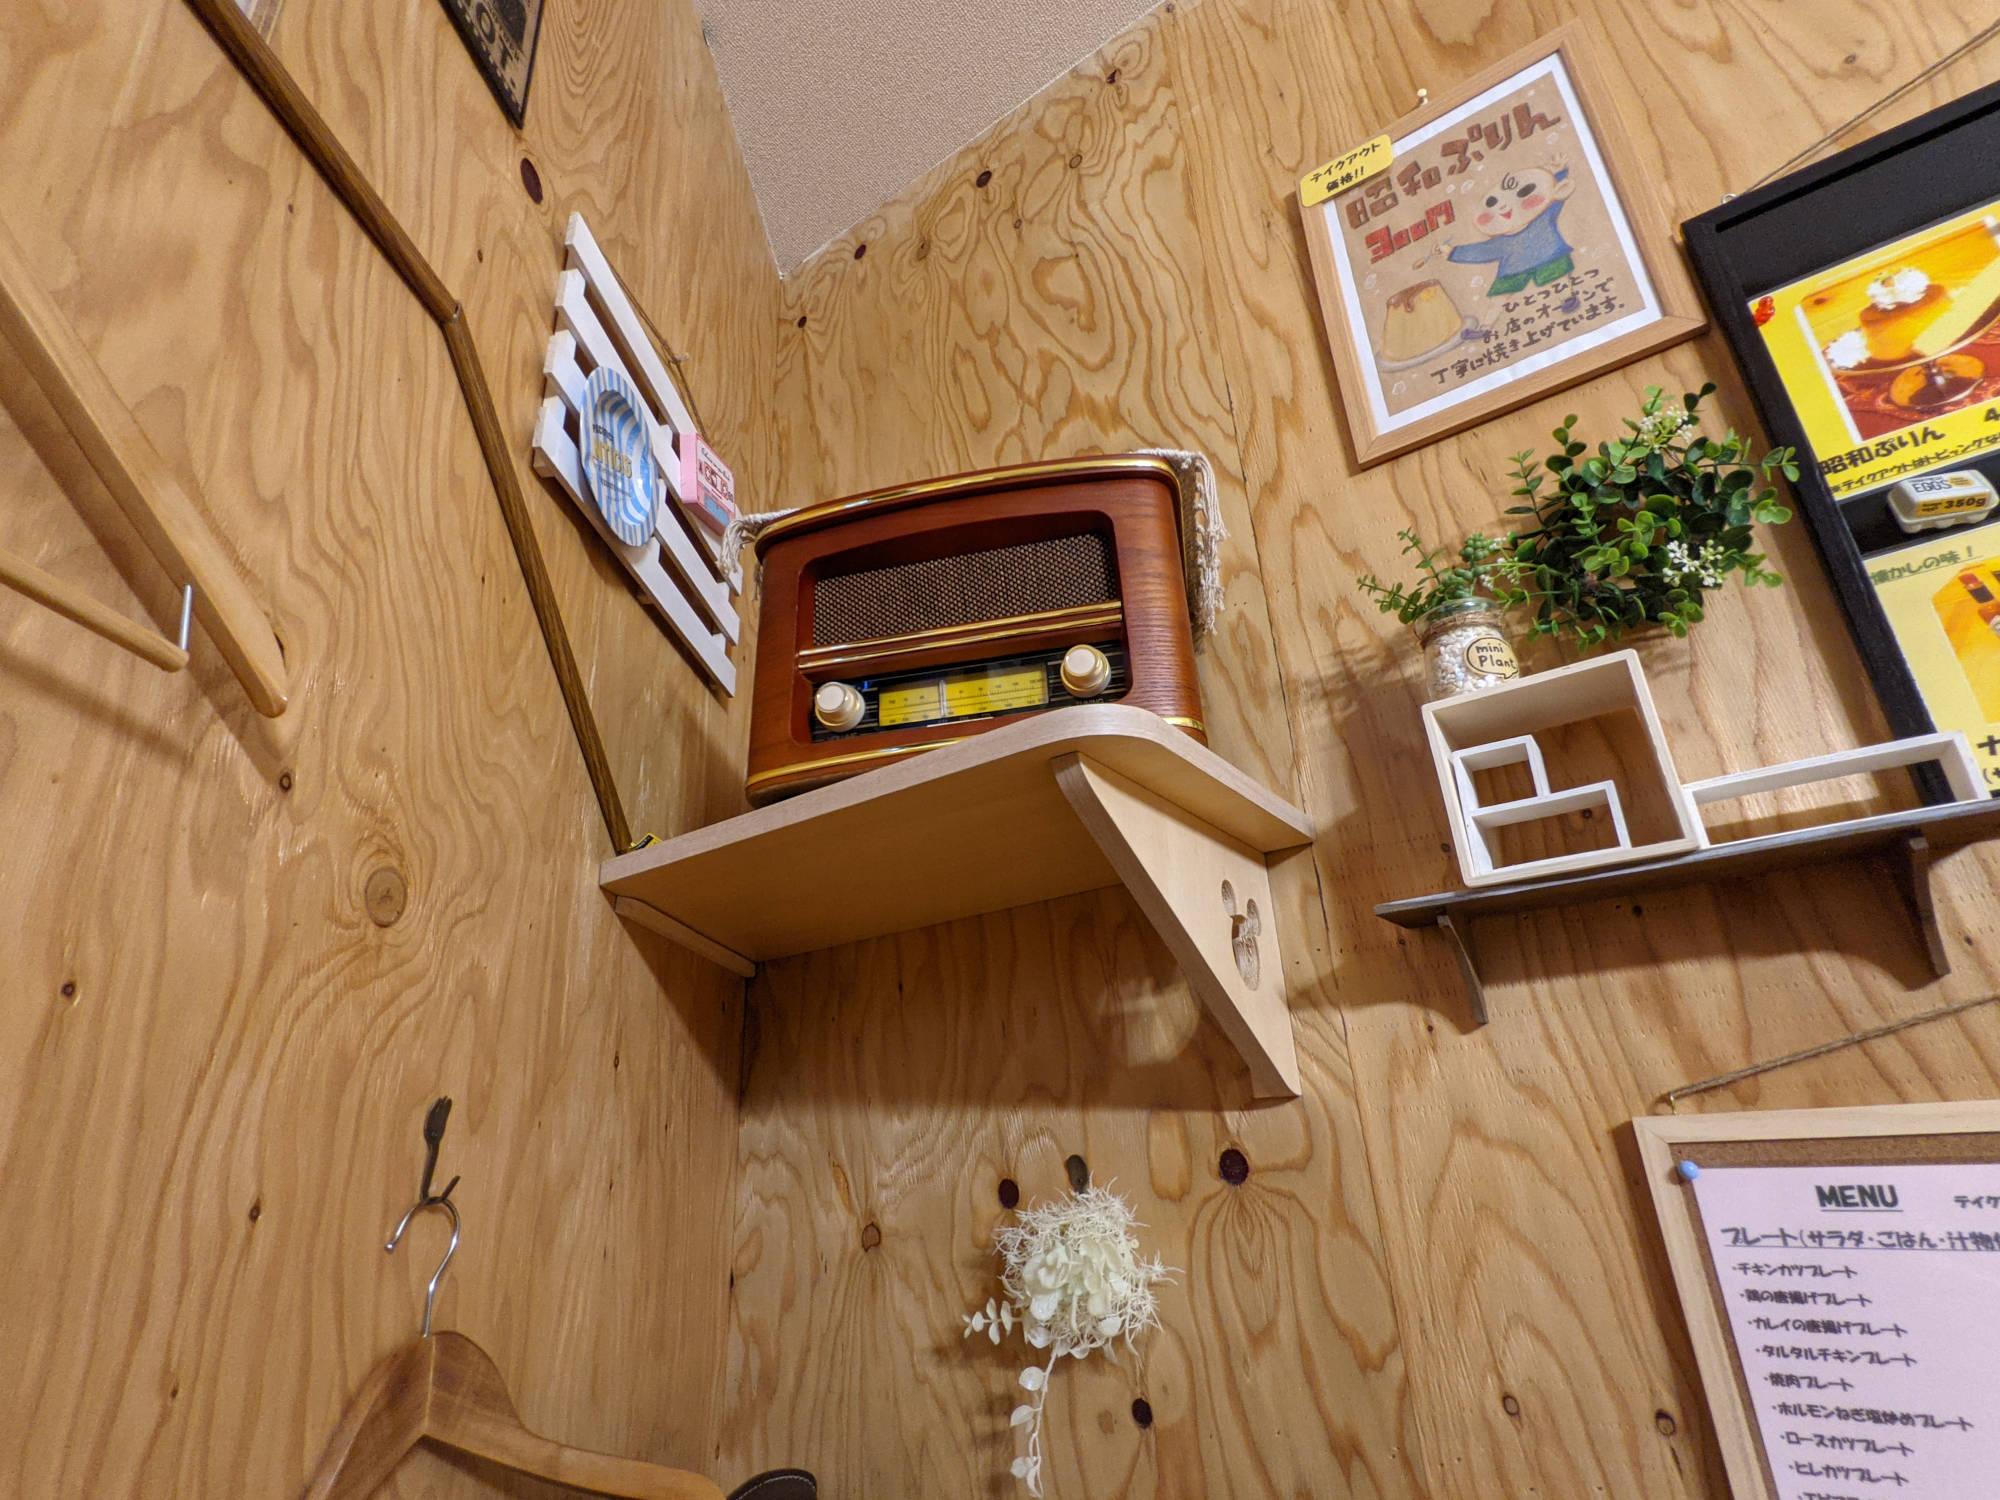 壁に置かれたラジオ